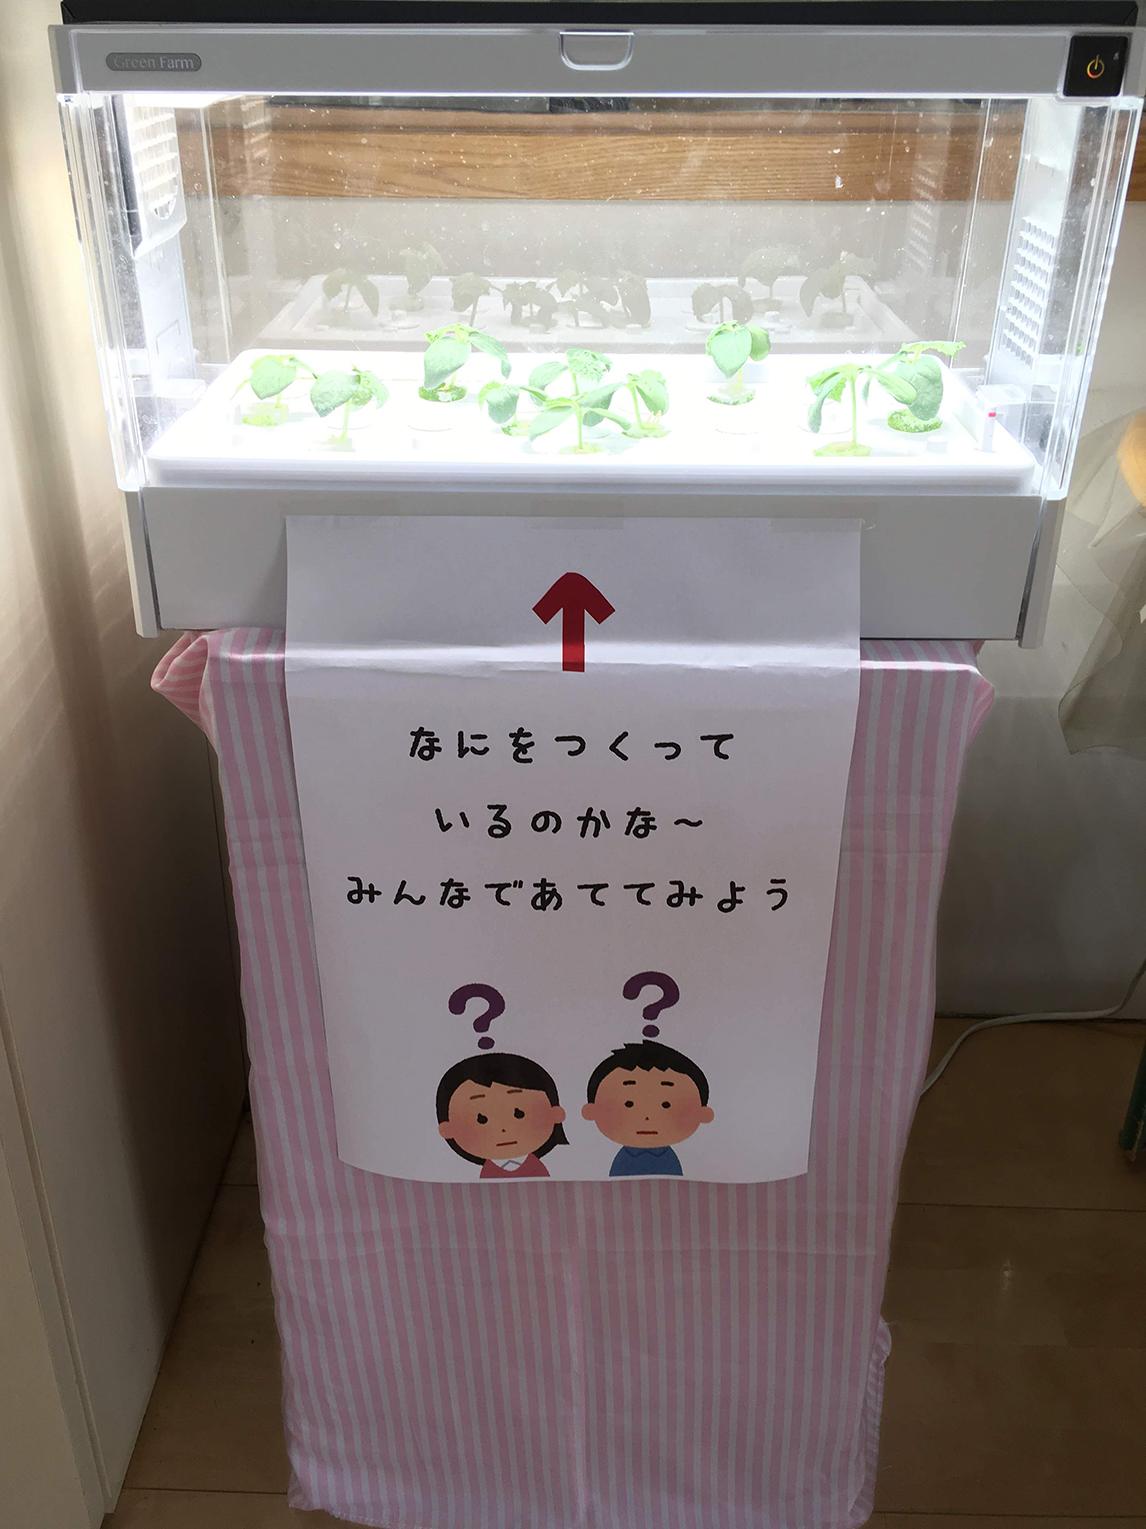 松井ヶ丘保育園の食育への取り組み画像2